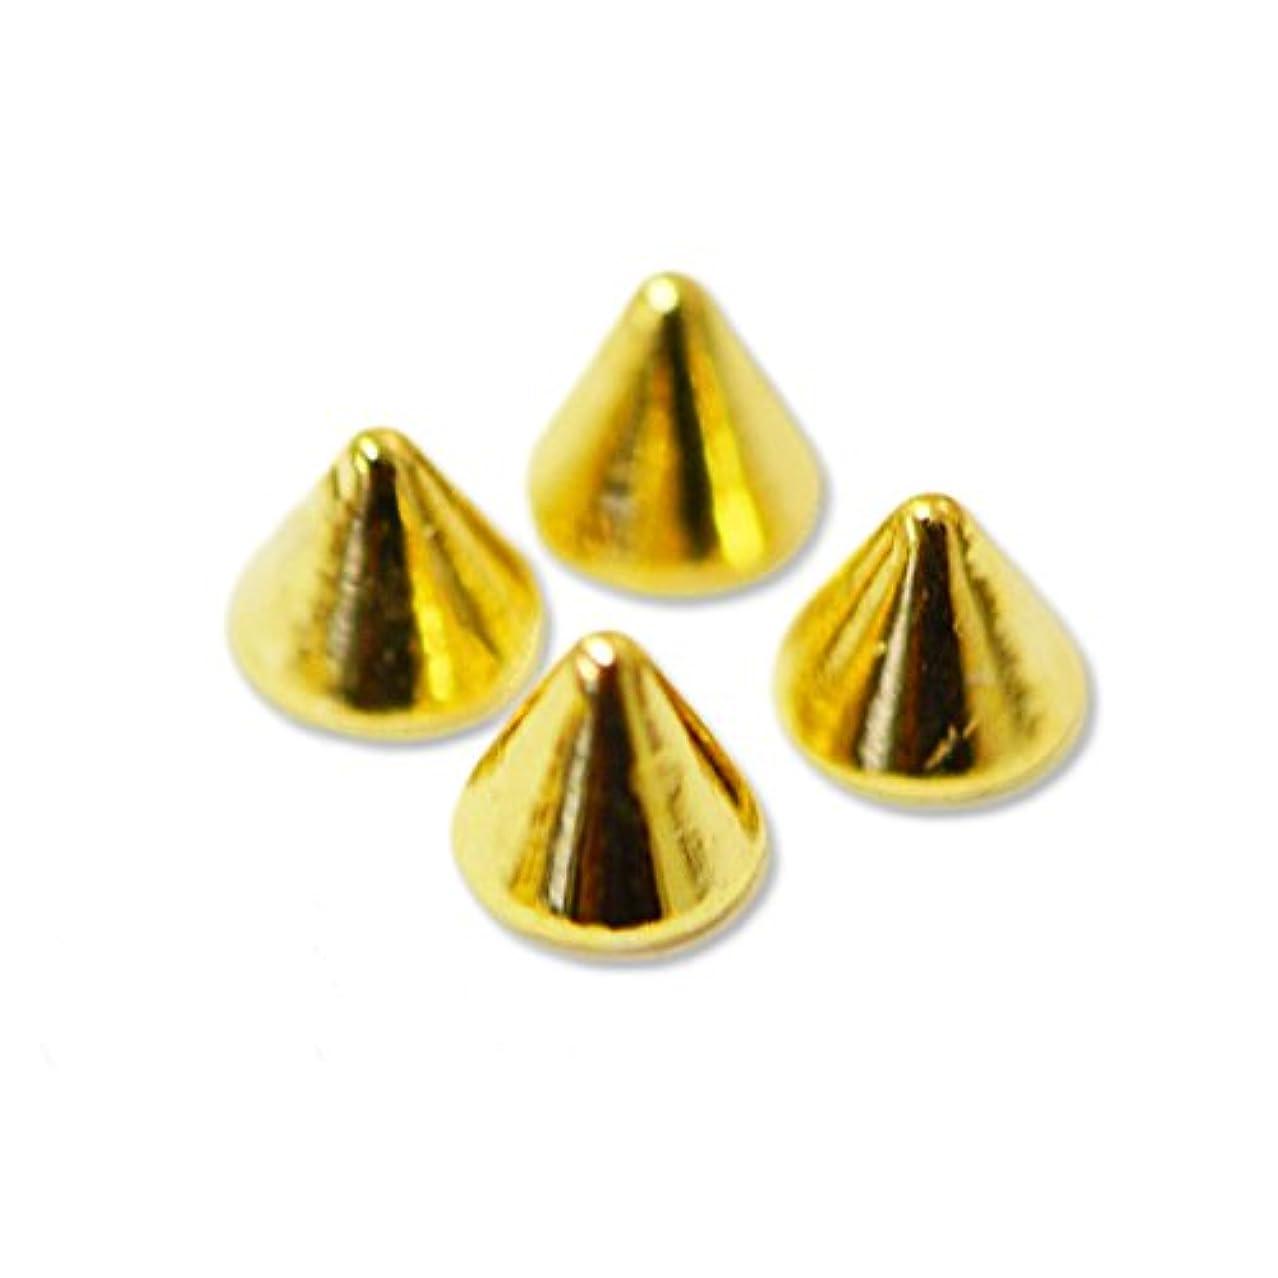 人類ブルームトライアスロンジュエリーメタルパーツ ロックスタッズ 円錐形(コーン)の鋲 : 4個入り ゴールド 直径3mm×高さ2mm